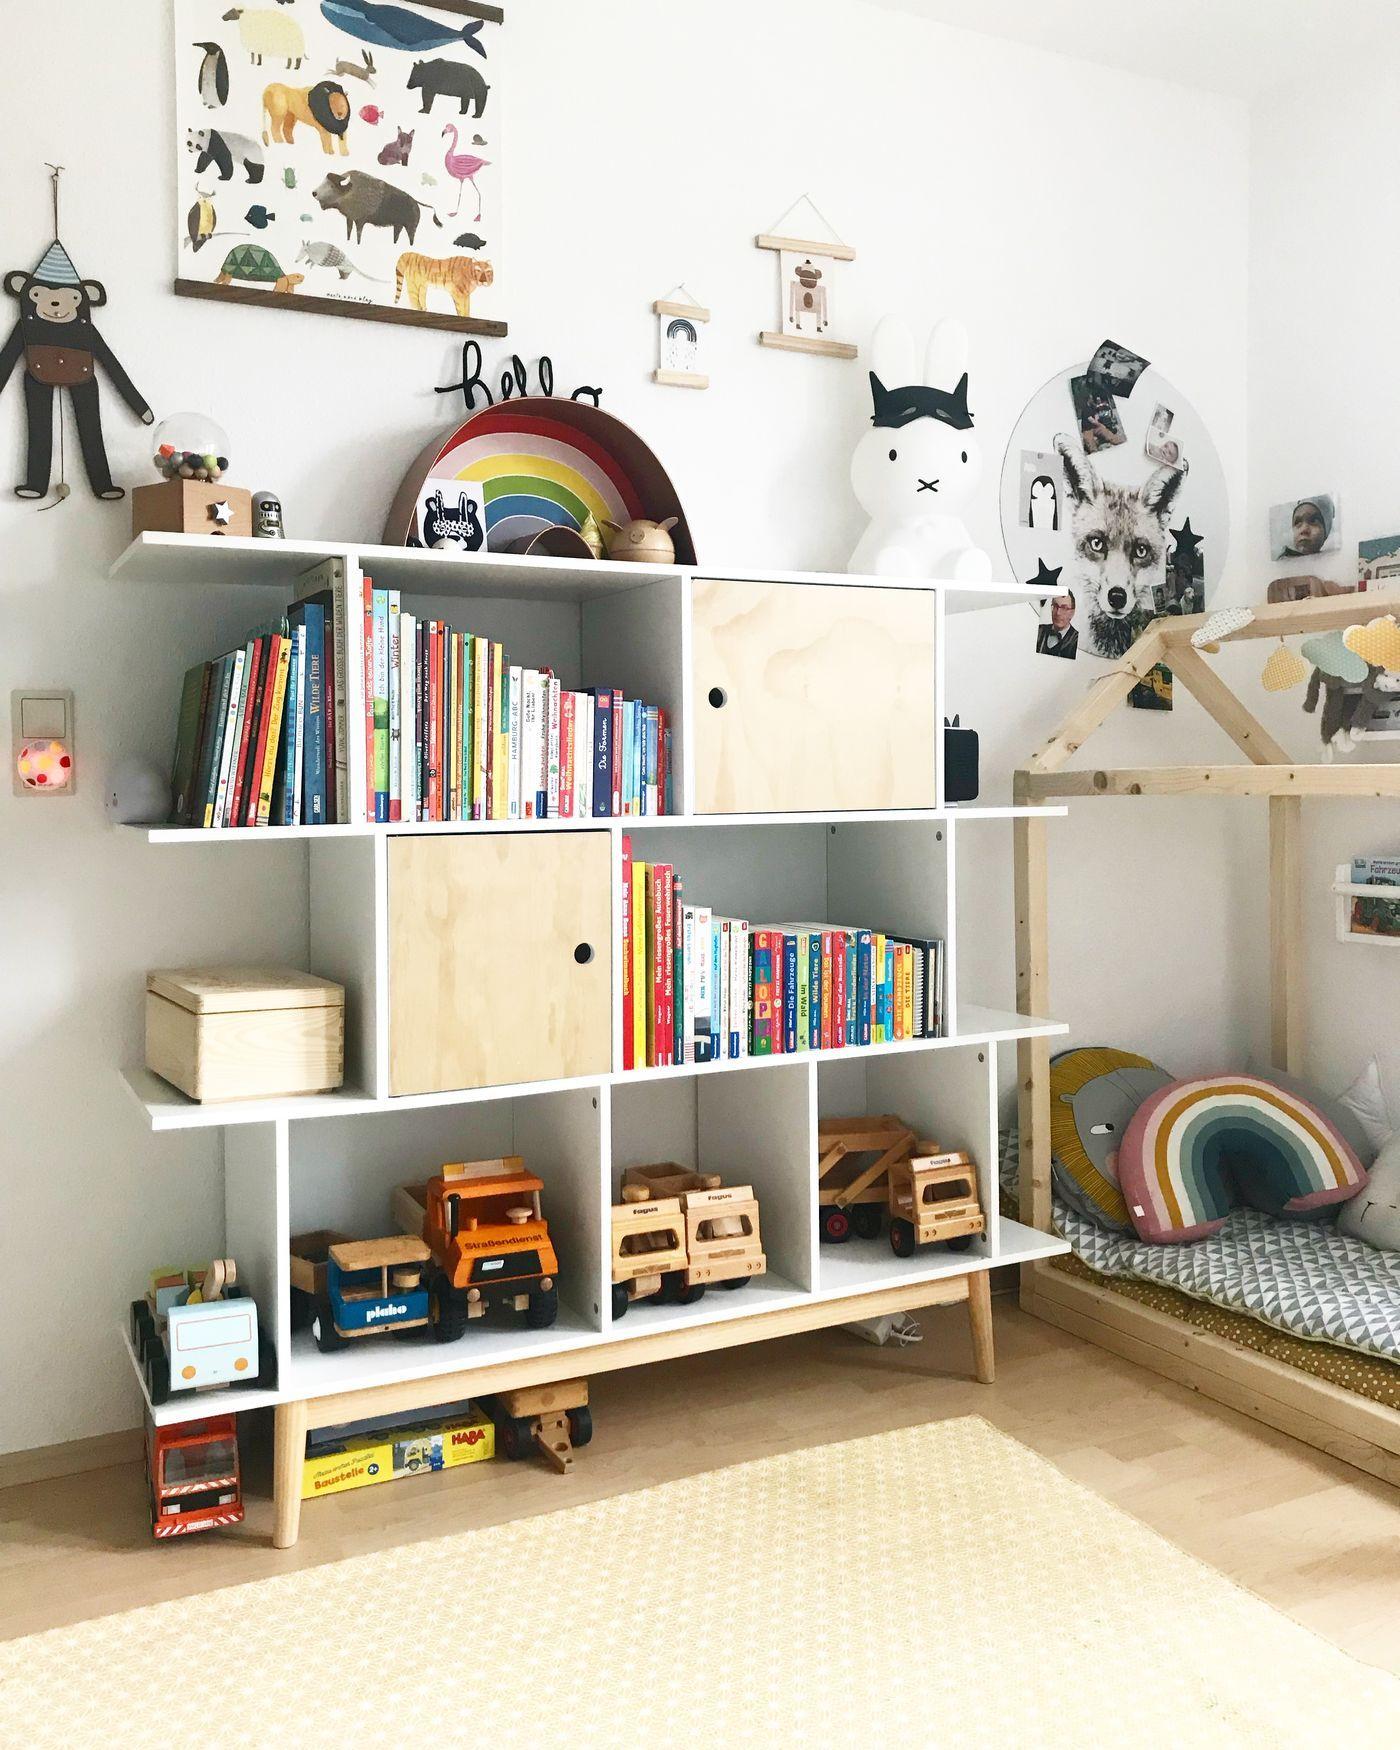 Die schönsten Ideen für dein Kinderzimmer - Seite 45